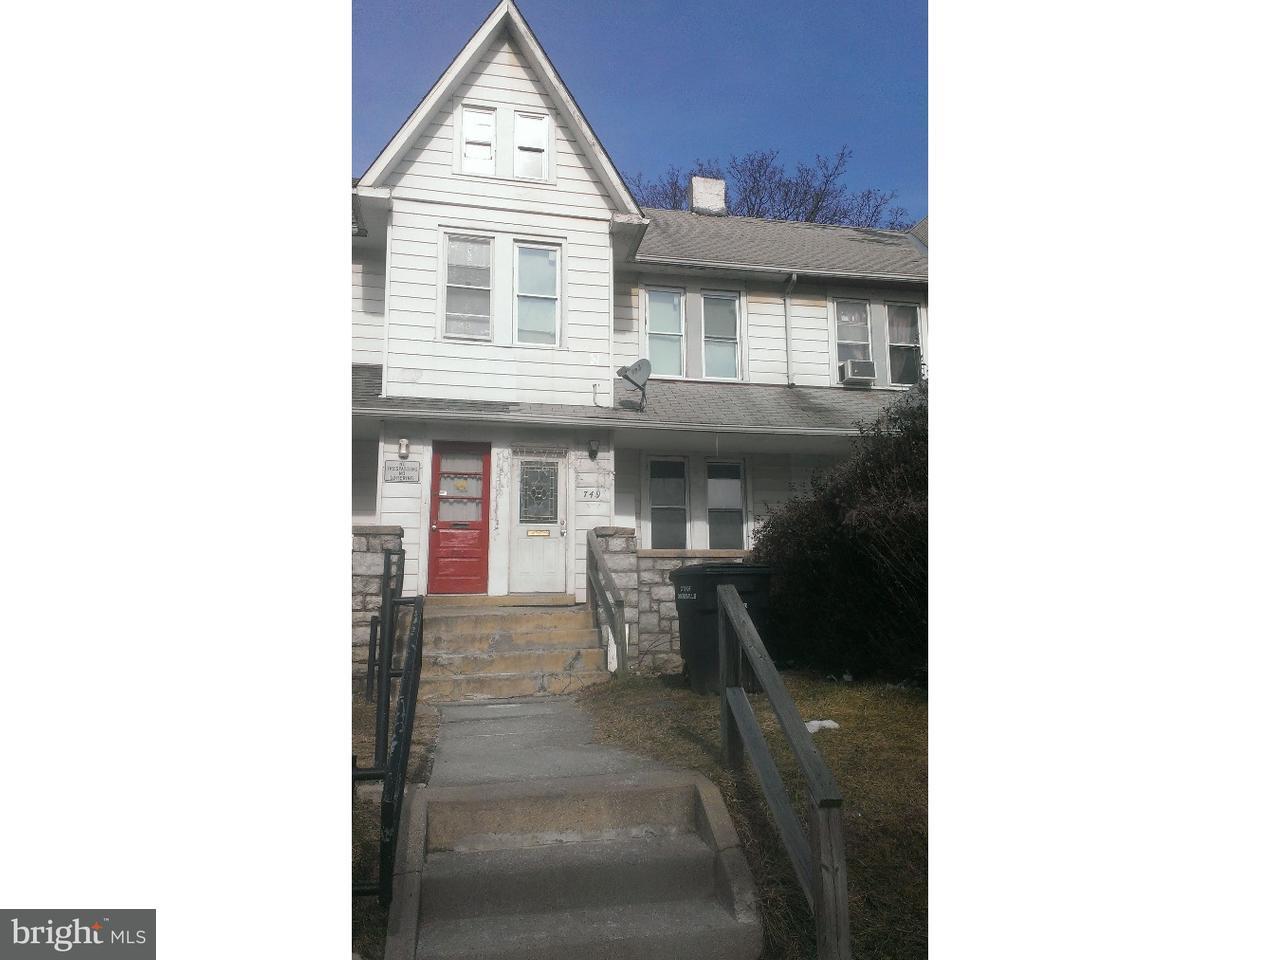 Casa unifamiliar adosada (Townhouse) por un Venta en 749 E LINCOLN HWY Coatesville, Pennsylvania 19320 Estados Unidos